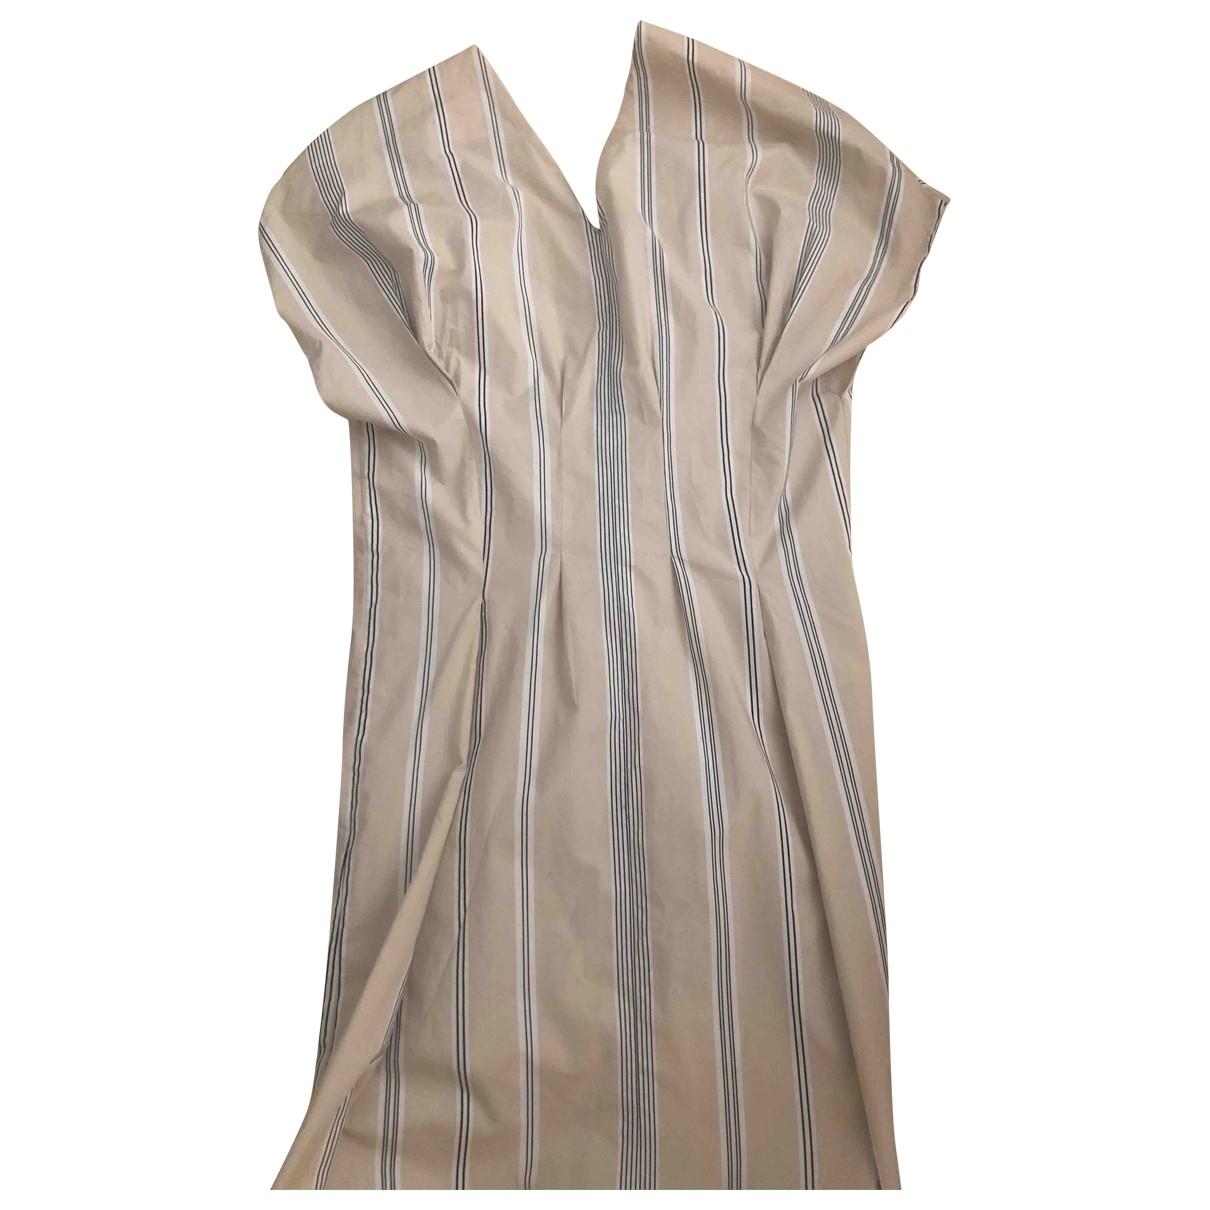 Marni \N Beige Cotton dress for Women 40 IT